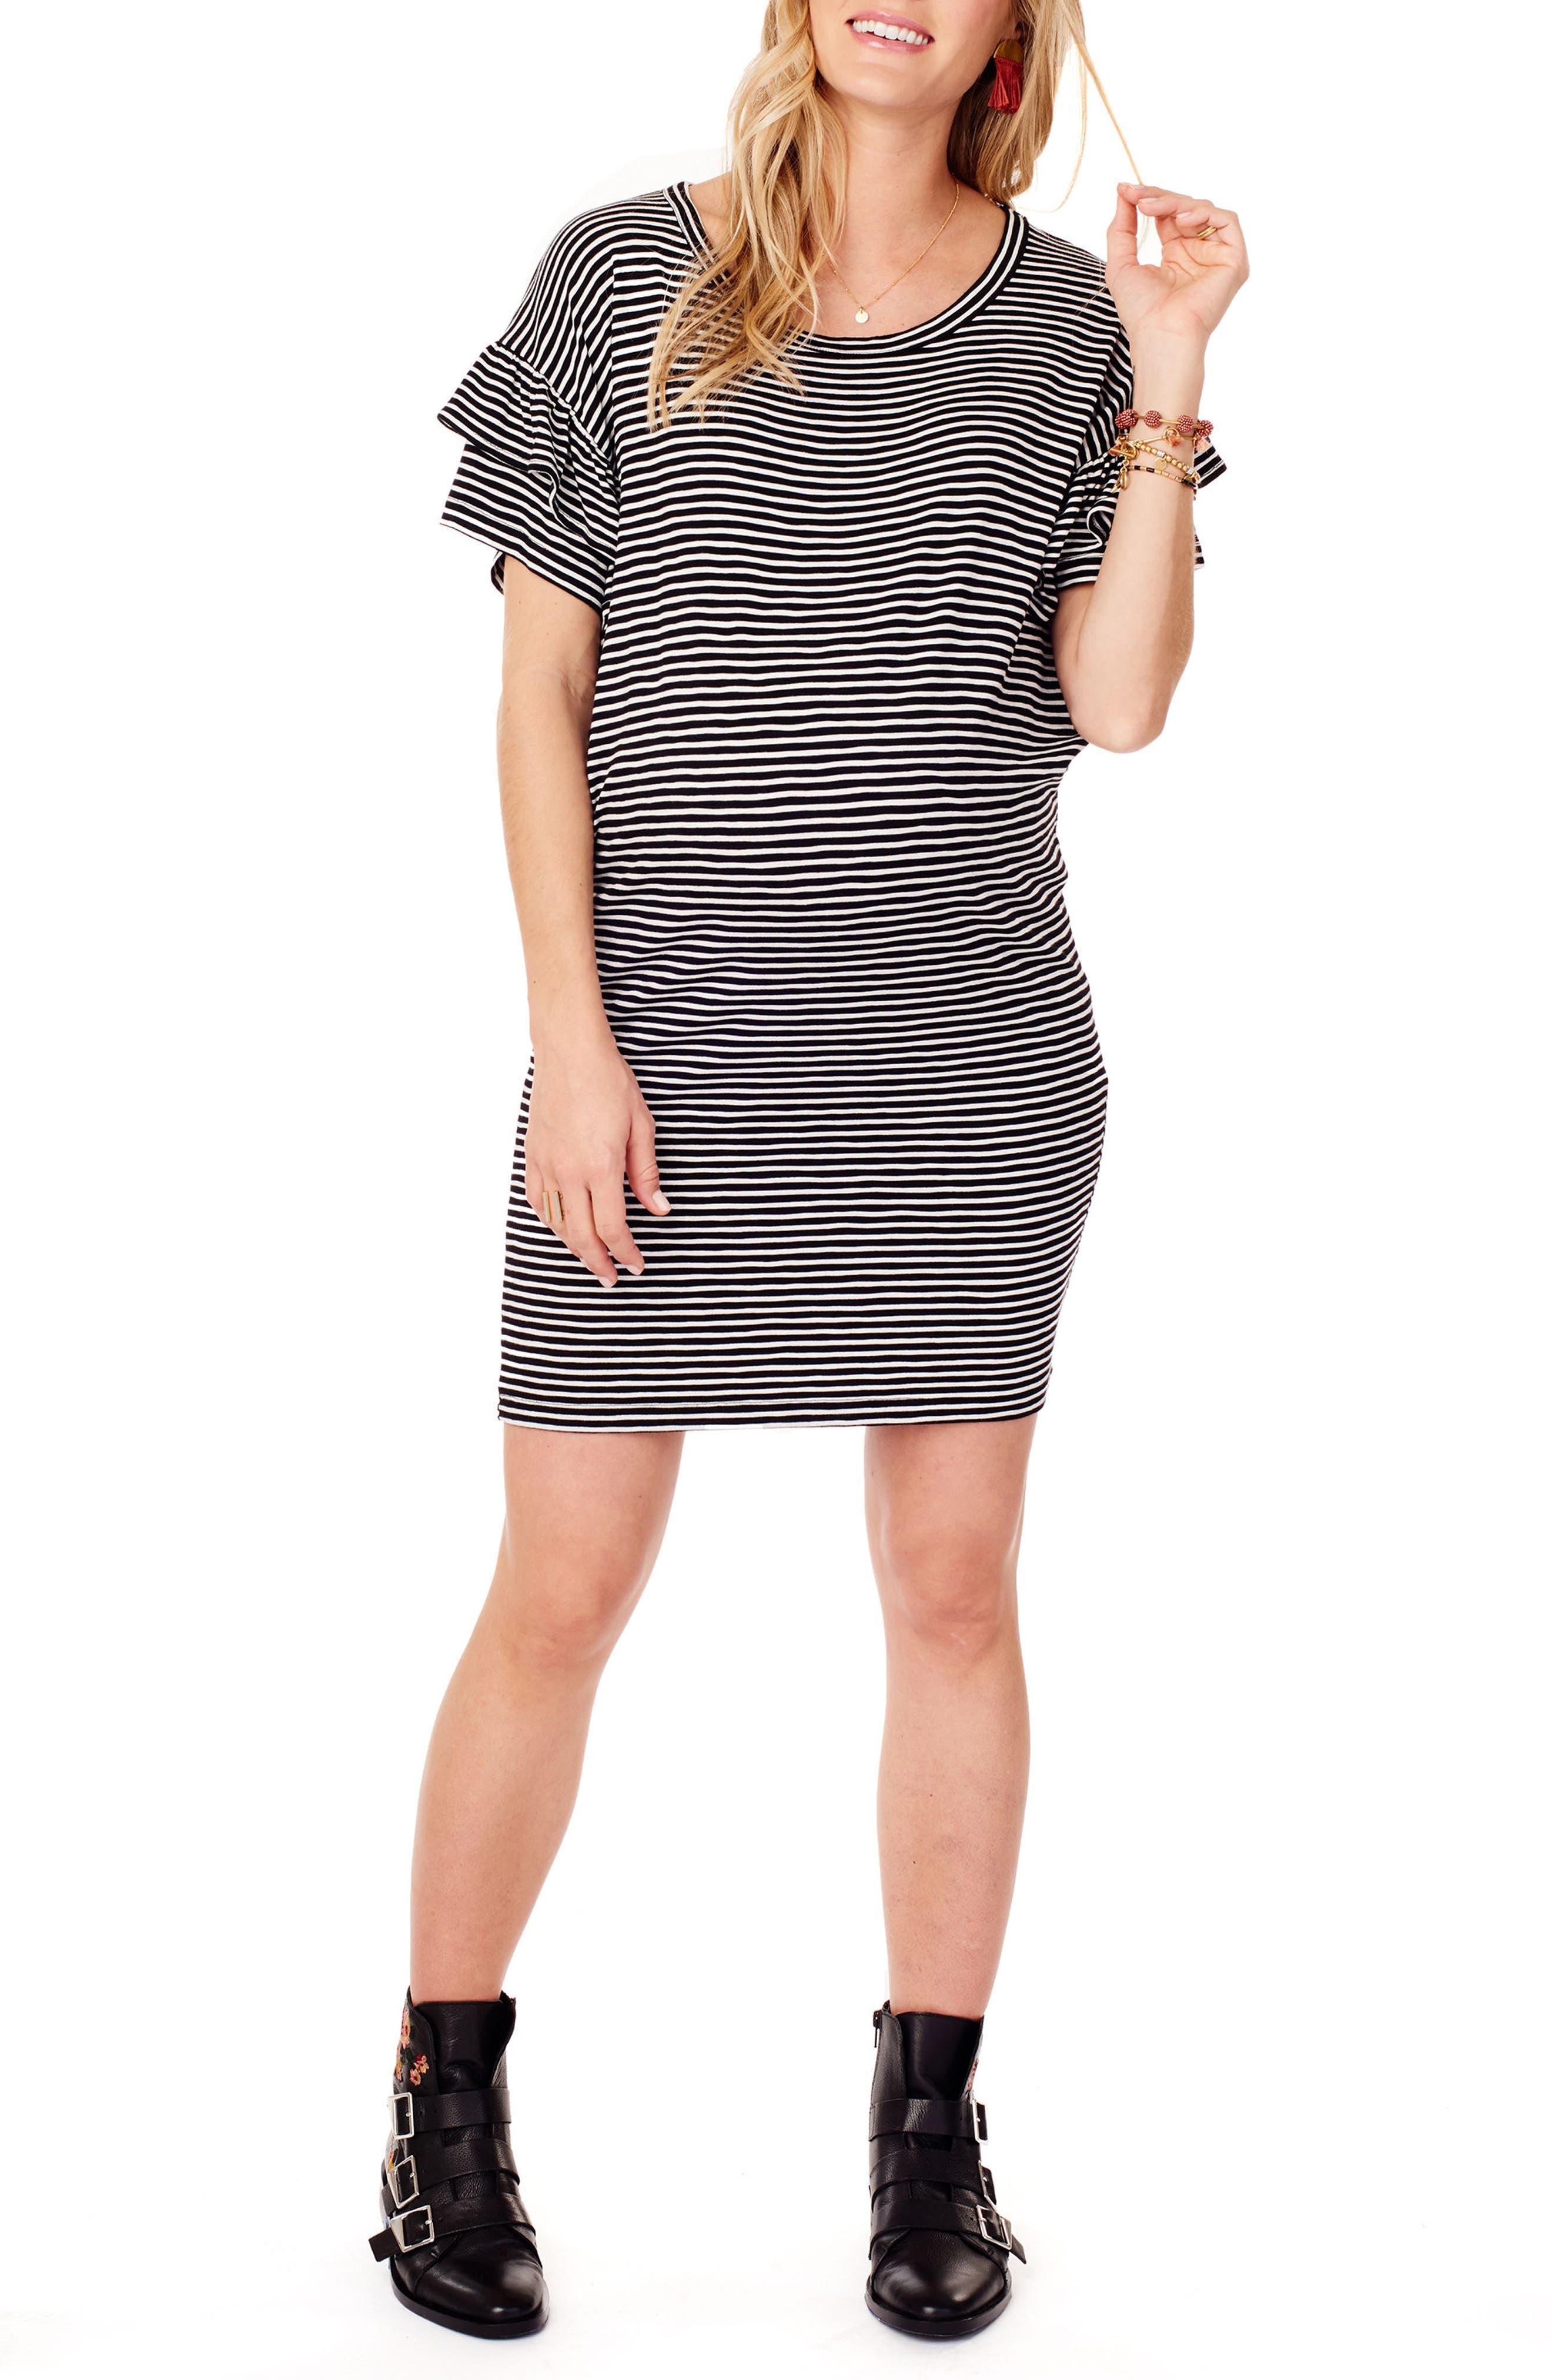 Ruffle Sleeve Maternity T-Shirt Dress,                             Main thumbnail 1, color,                             BLACK/ WHITE STRIPE